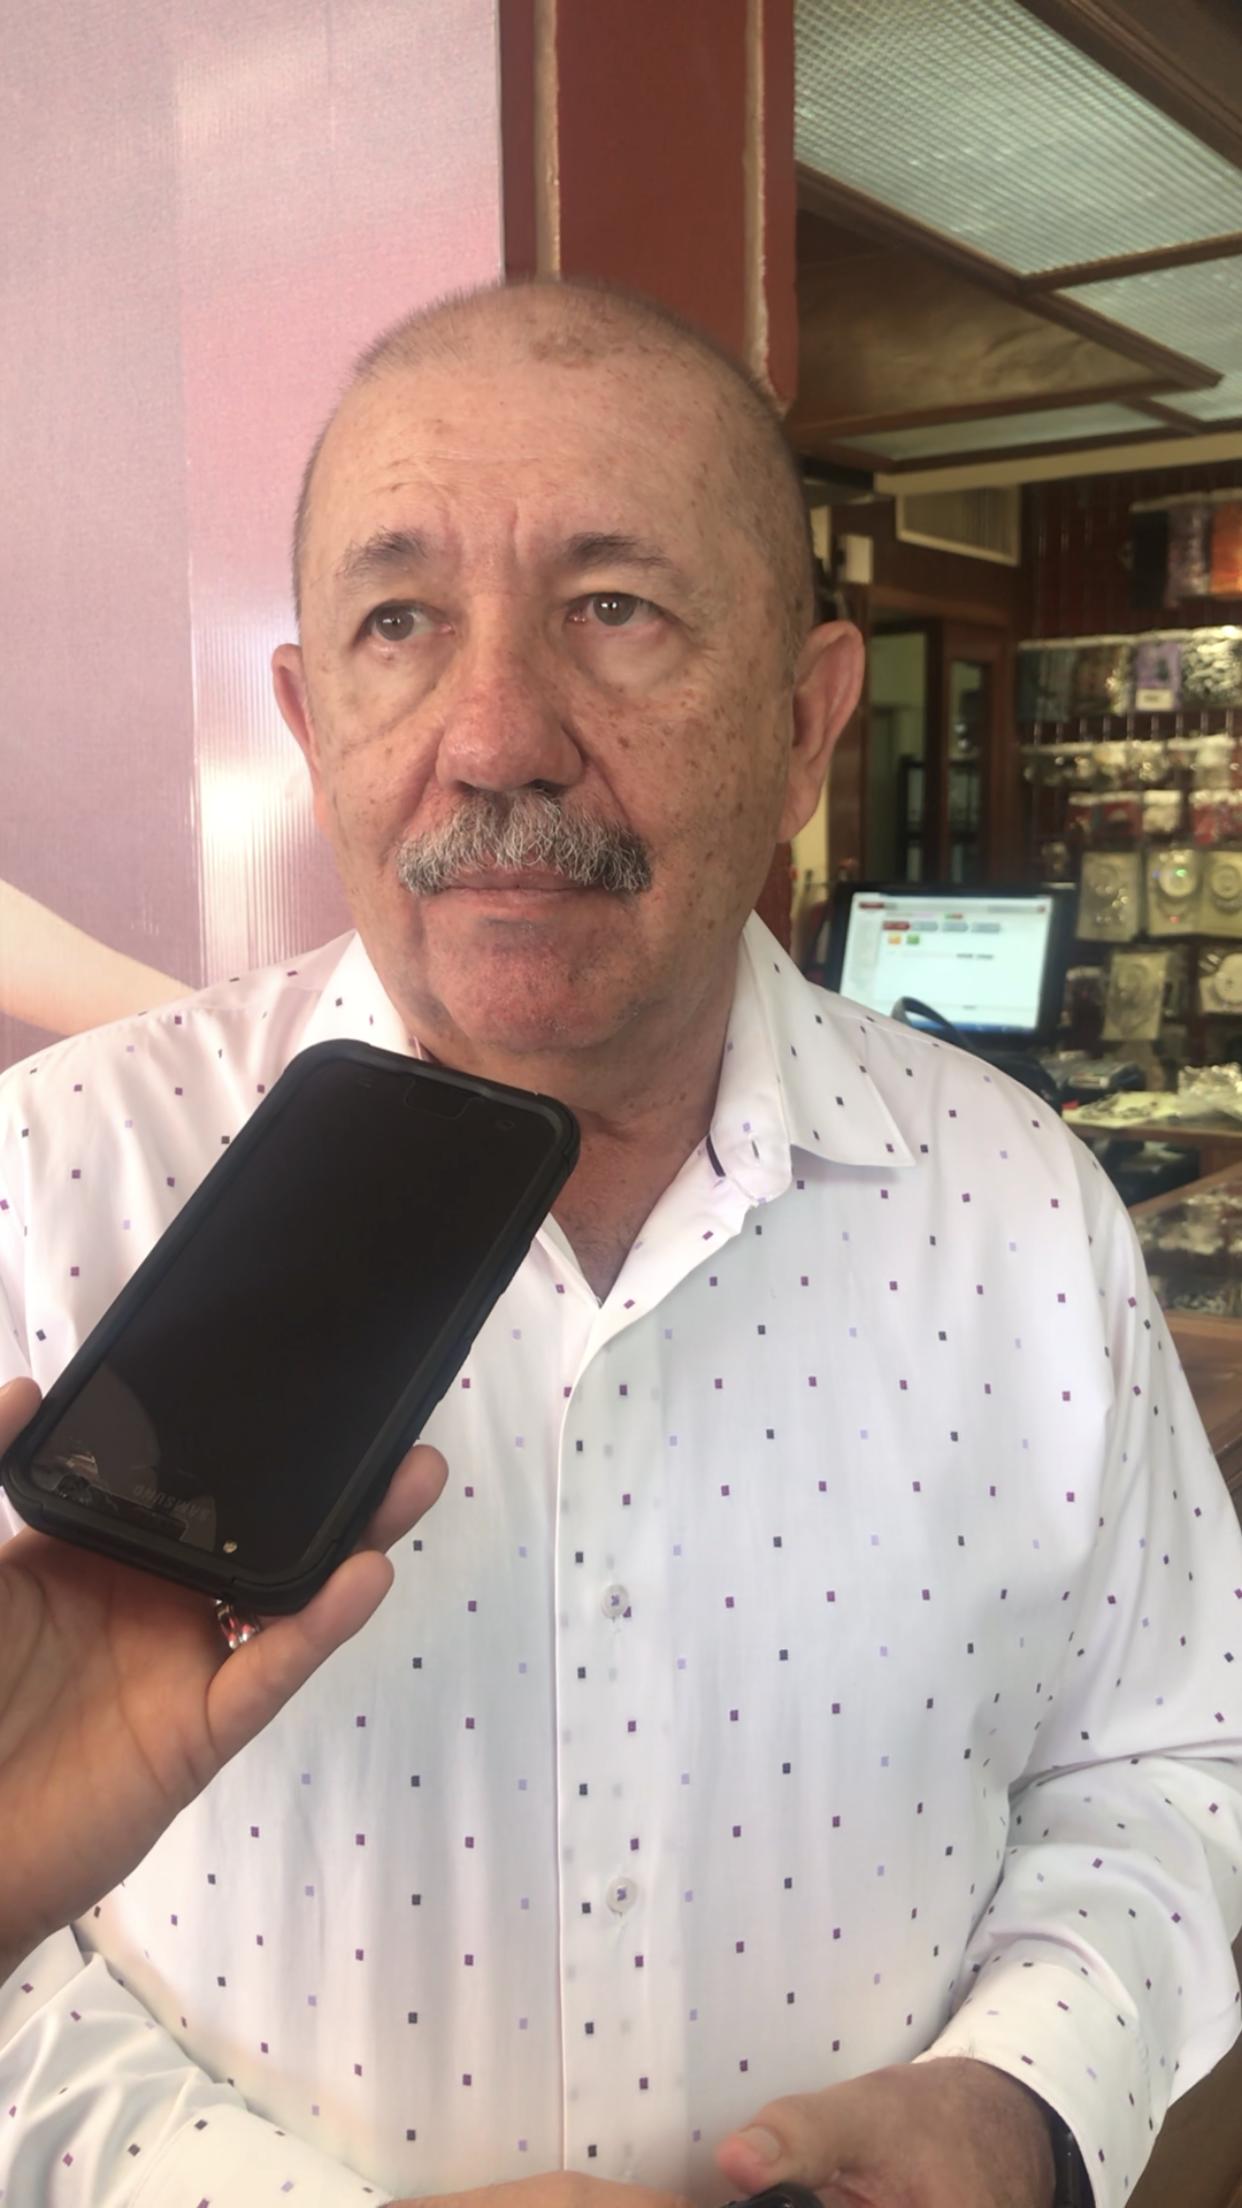 El 10% de la población mayor de 18 años en México tiene algún tipo de enfermedad renal